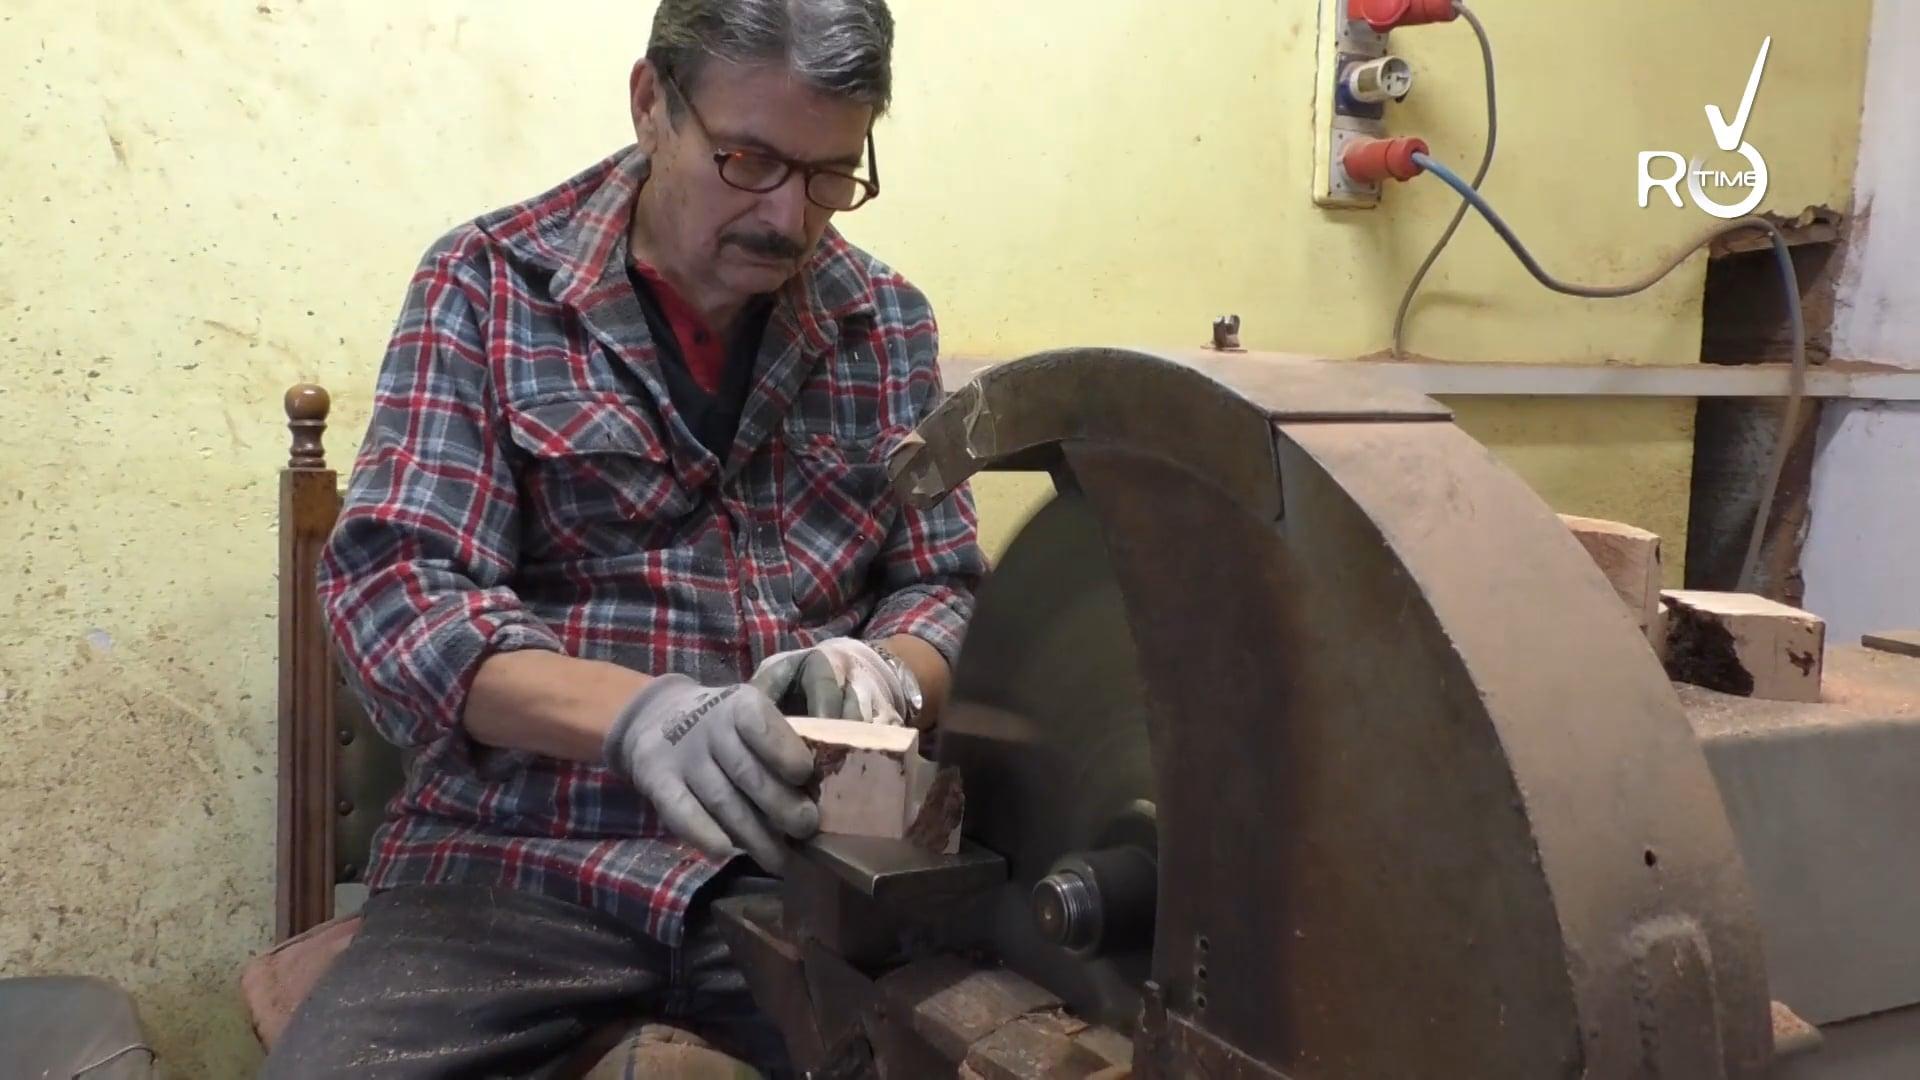 Domenico Giordano e l'arte delle pipe: esperti tagliatore di radica da tutto il mondo arrivano a Badalucco per la sua maestria